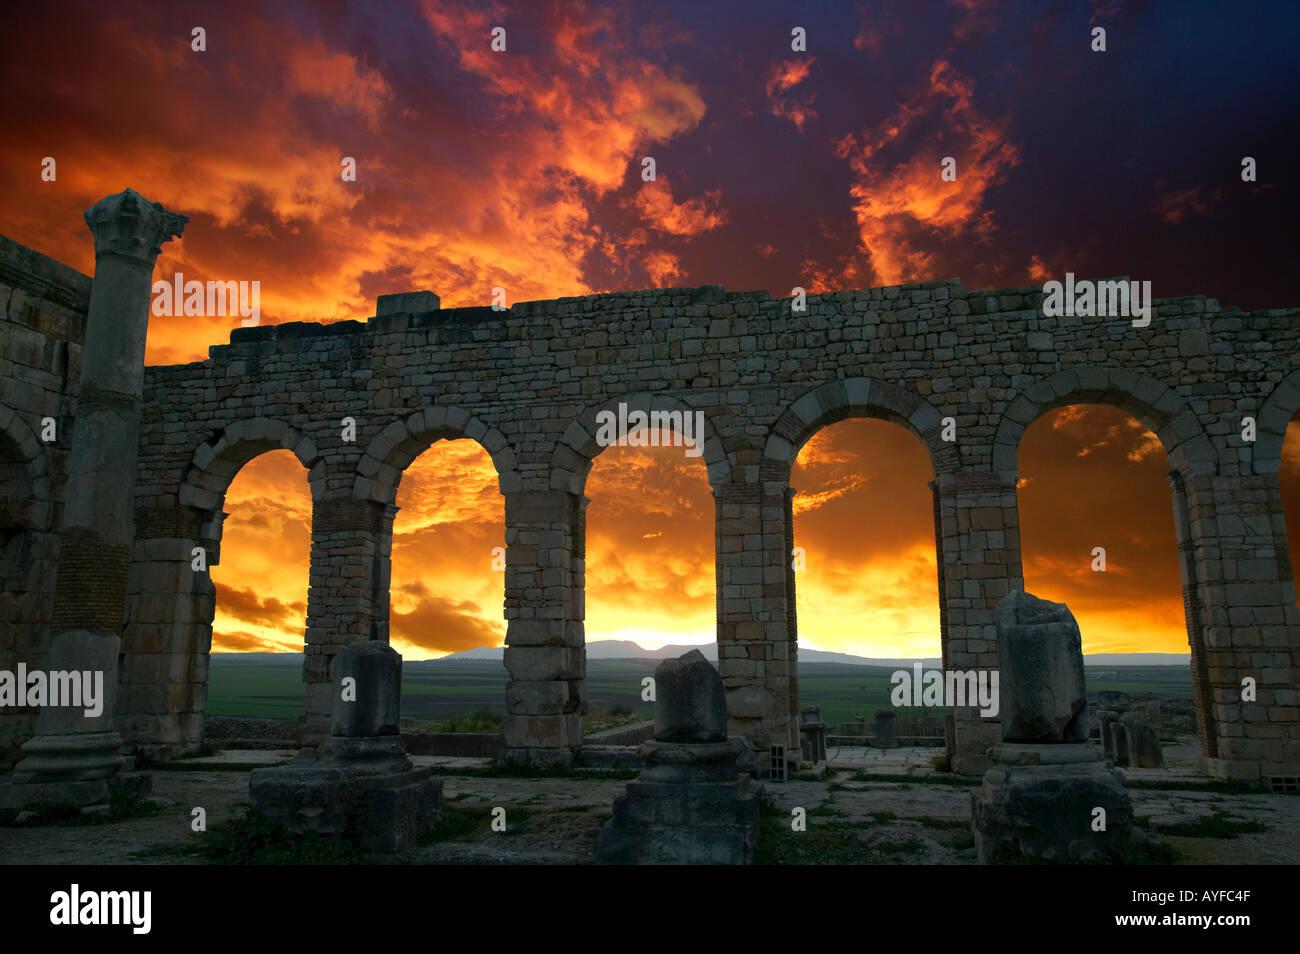 Les ruines romaines de Volubilis date du 2e et 3e siècles les silhouettes au coucher du soleil de la basilique d'arcades - Maroc Photo Stock